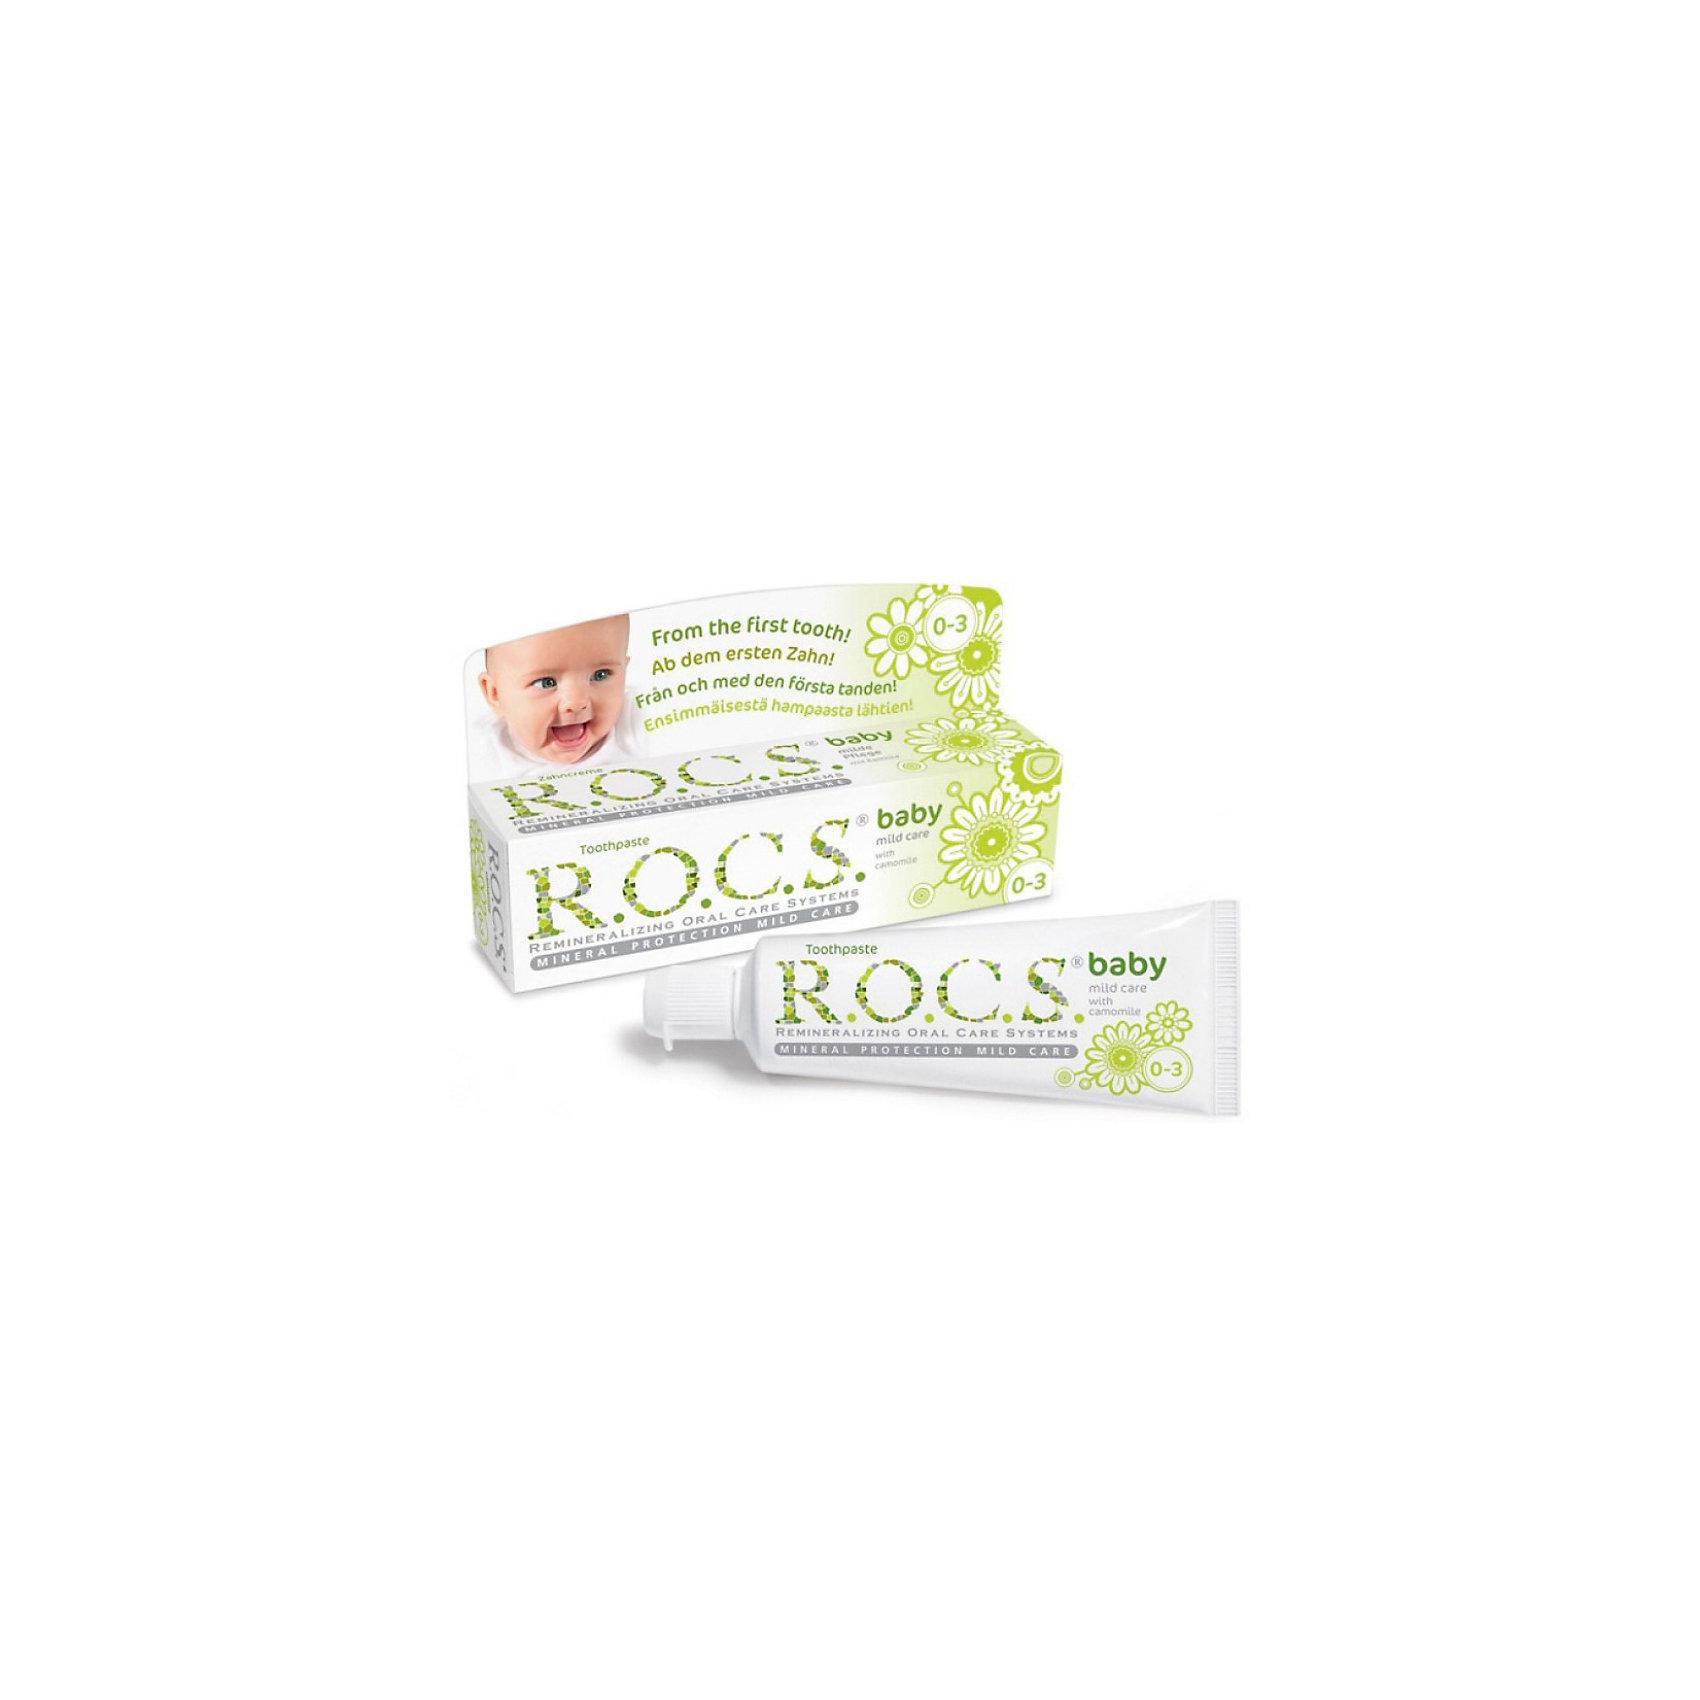 Зубная паста для малышей Душистая ромашка, R.O.C.S., 45 гЗубные пасты<br>Уникальная зубная паста для малышей Душистая ромашка R.O.C.S. (РОКС) предназначена для ухода за зубами малышей, начиная с самого раннего возраста. Природные компоненты – экстракт ромашки лекарственной и альгинат, вырабатываемый из морских водорослей, обеспечивают выраженное противовоспалительное действие. Благодаря высокой концентрации ксилита обеспечивает высокую степень защиты от кариеса, а также обладает свойствами пребиотика, нормализуя состав микрофлоры полости рта, что является особенно важным свойством при дисбактериозах кишечника и молочницах полости рта.<br><br>Дополнительная информация:<br><br>- Укрепляет зубы;<br>- Защищает от кариеса;<br>- Защищает десну от воспаления;<br>- Способствует нормализации микробного баланса в полости рта;<br>- Благодаря противомикробным свойствам экстрактов данный продукт не требует применения сильных консервантов и особых условий хранения;<br>- Гипоаллергенна;<br>- Безопасна при проглатывании;<br>- Не содержит: фтора, парабенов, лаурилсульфата натрия, красителей, антисептиков и отдушки;<br>- Вес: 45 г<br><br>Зубную пасту для малышей Душистая ромашка, R.O.C.S. (РОКС), 45 г можно купить в нашем интернет-магазине.<br><br>Ширина мм: 37<br>Глубина мм: 132<br>Высота мм: 32<br>Вес г: 45<br>Возраст от месяцев: 0<br>Возраст до месяцев: 36<br>Пол: Унисекс<br>Возраст: Детский<br>SKU: 3663450